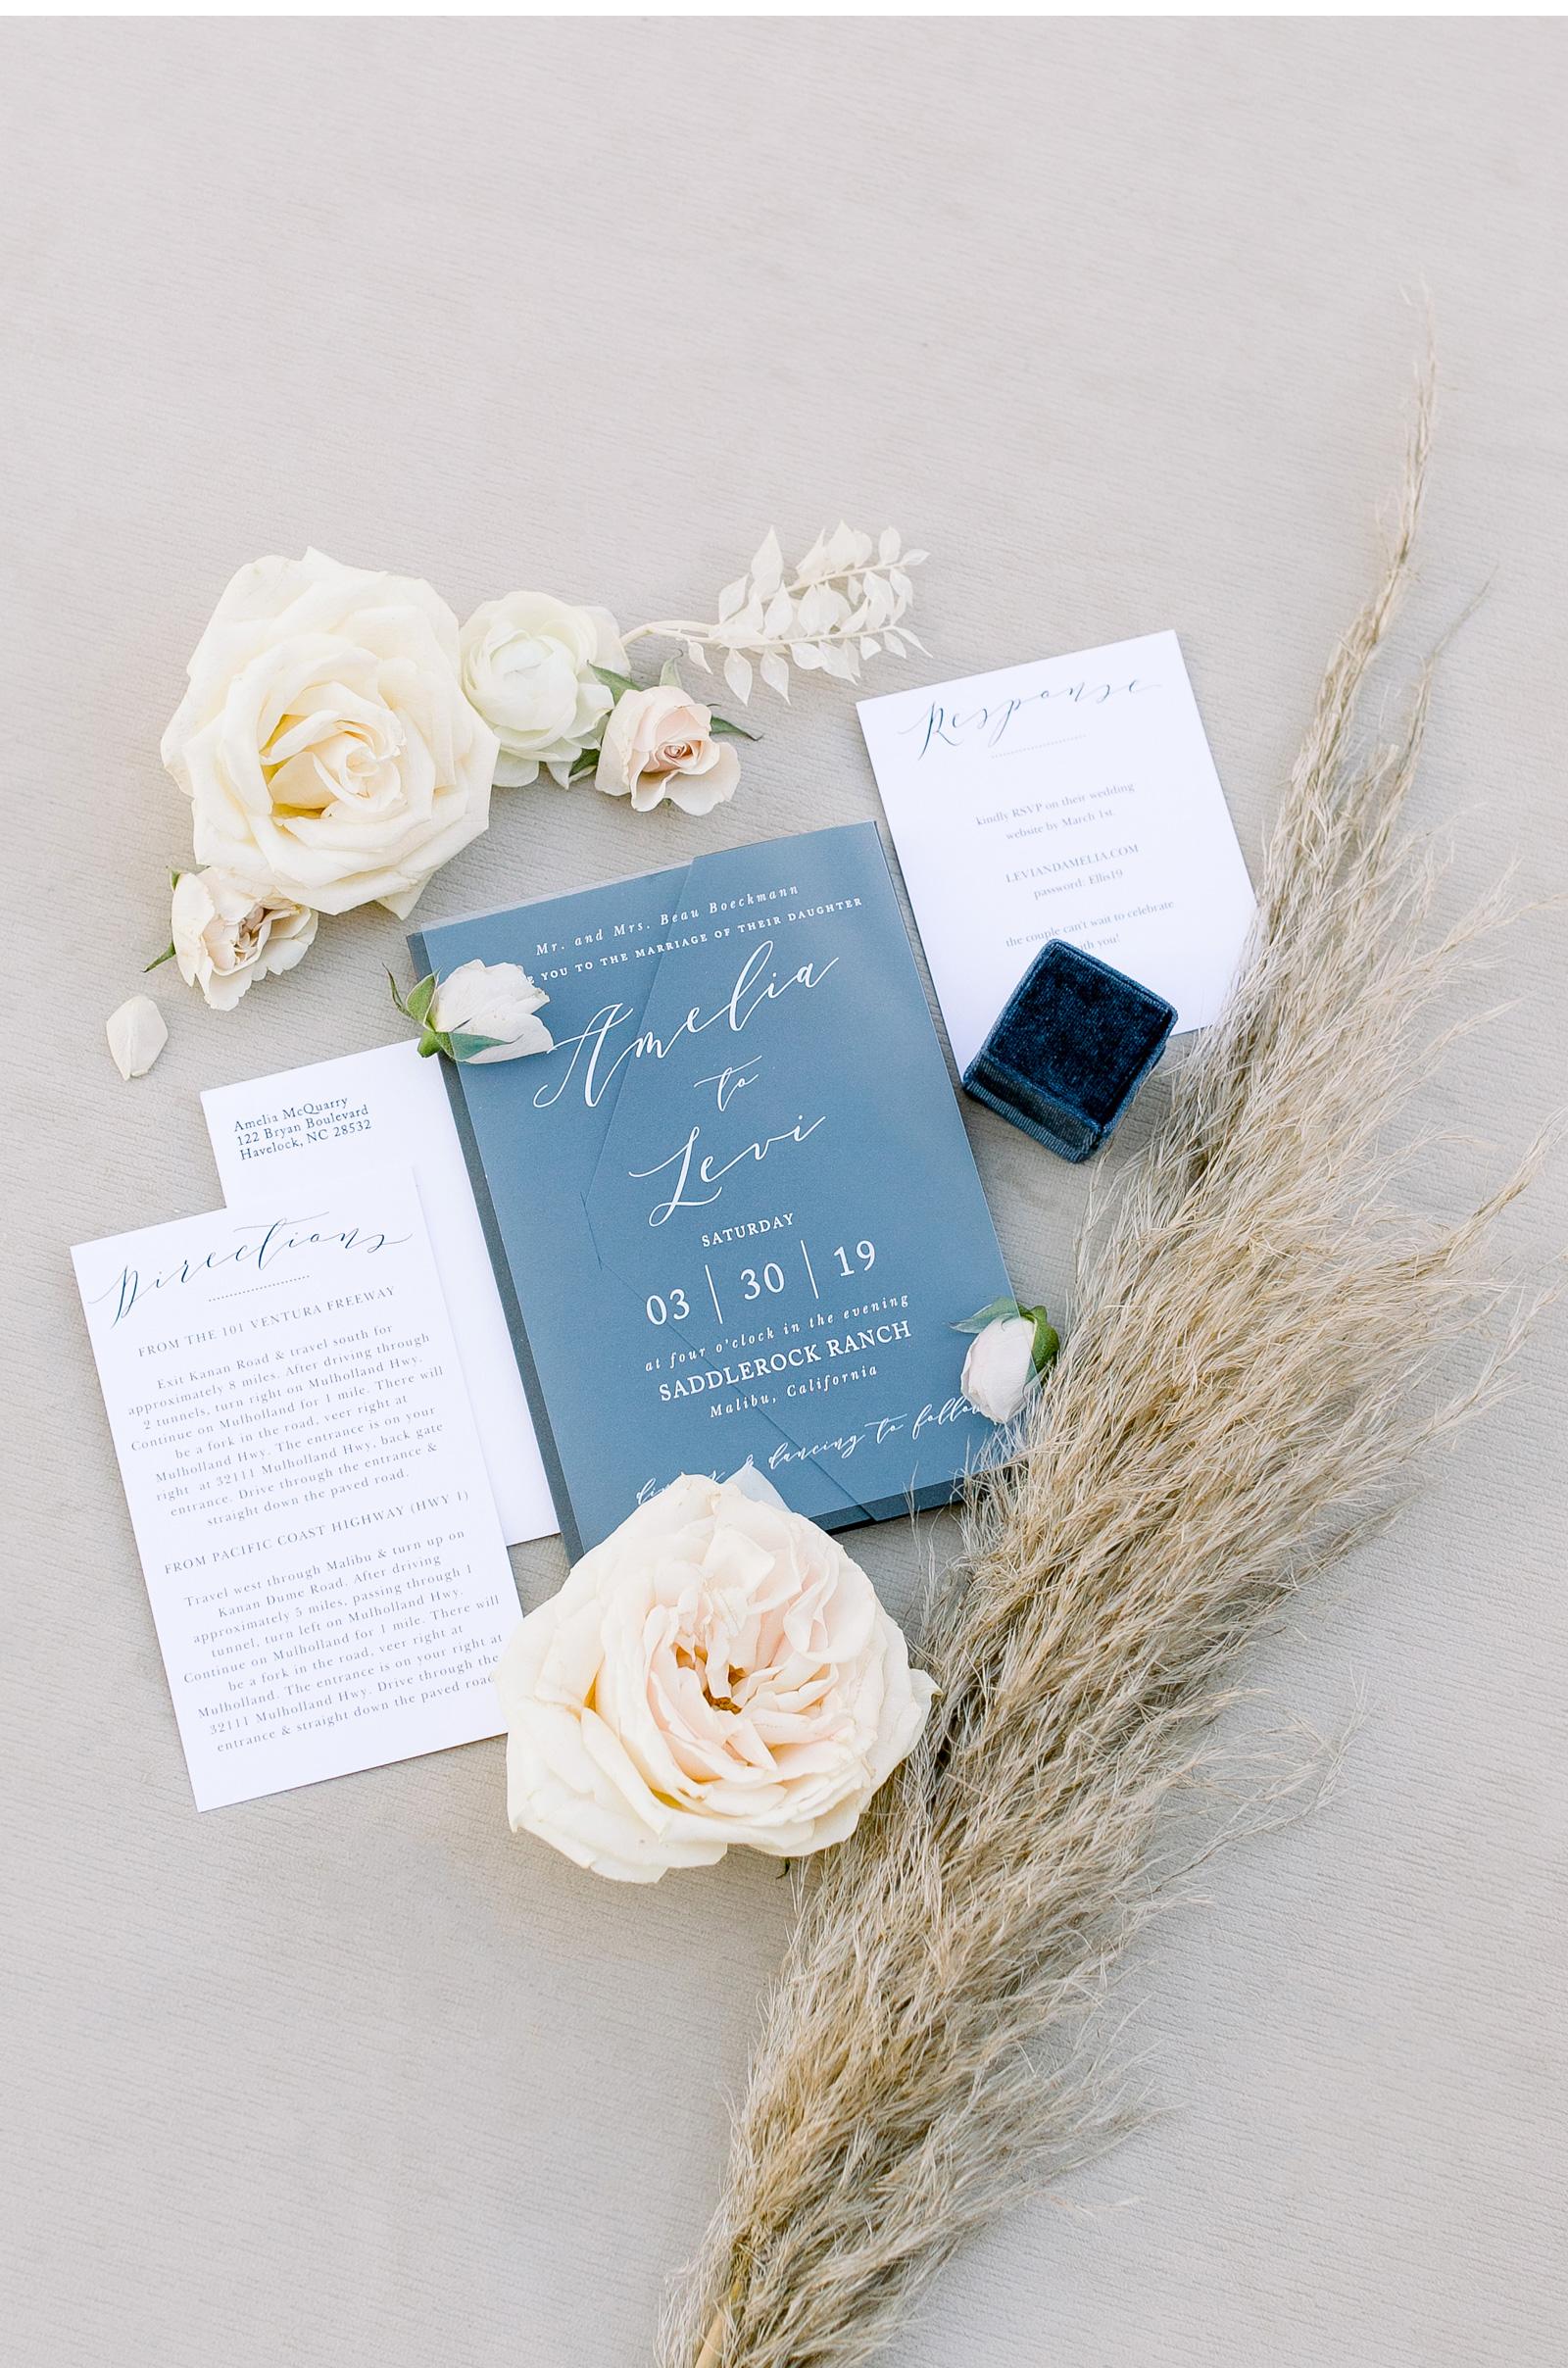 Malibu-Wedding-Photography-West-Coast-Wedding-Venues-Style-Me-Pretty-Malibu-Wedding-Venue_01.jpg